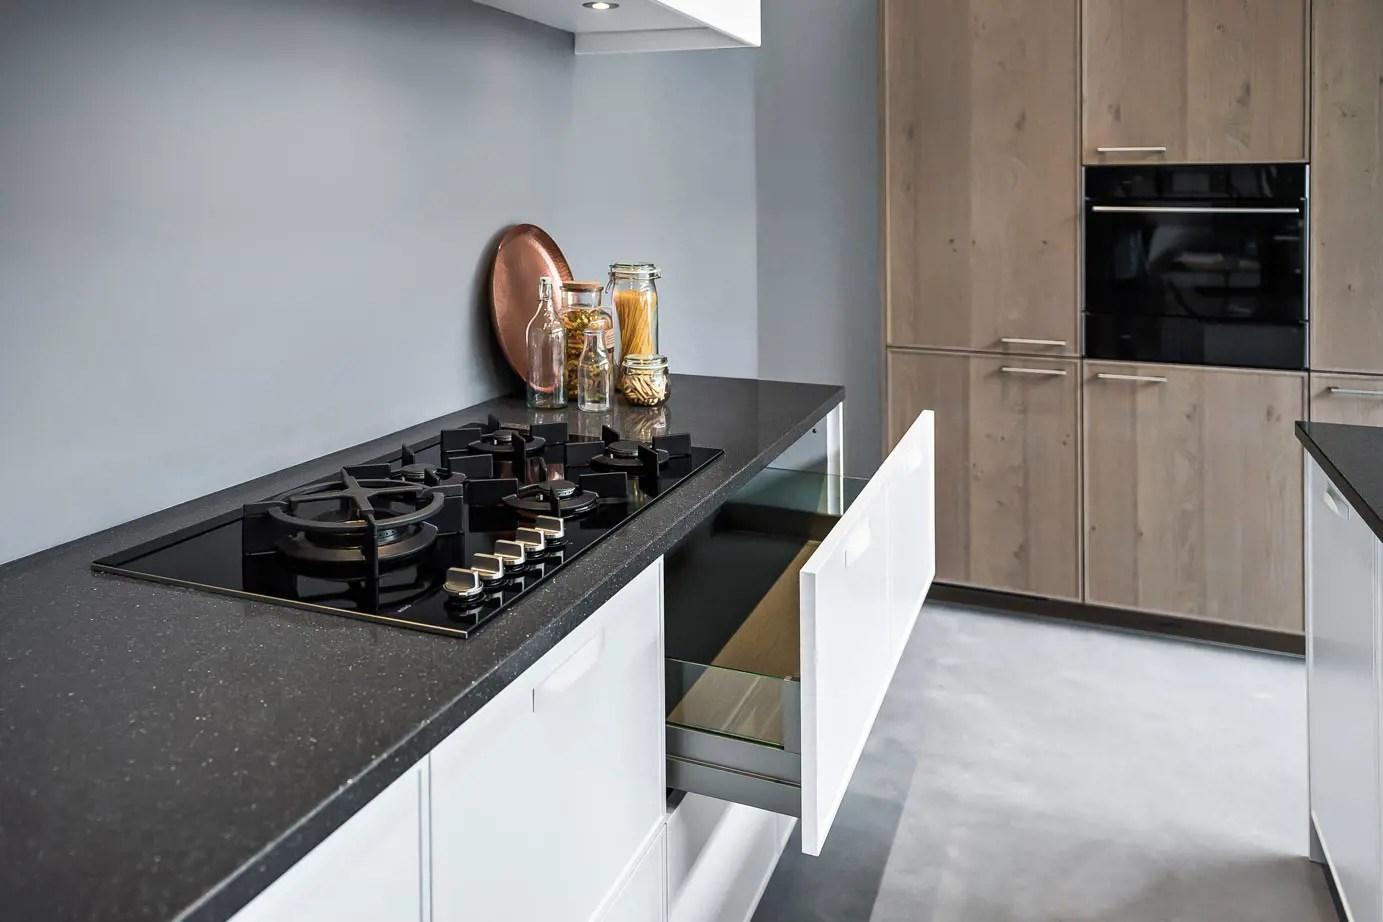 Handgrepen keuken modern moderne keuken met strakke handgrepen